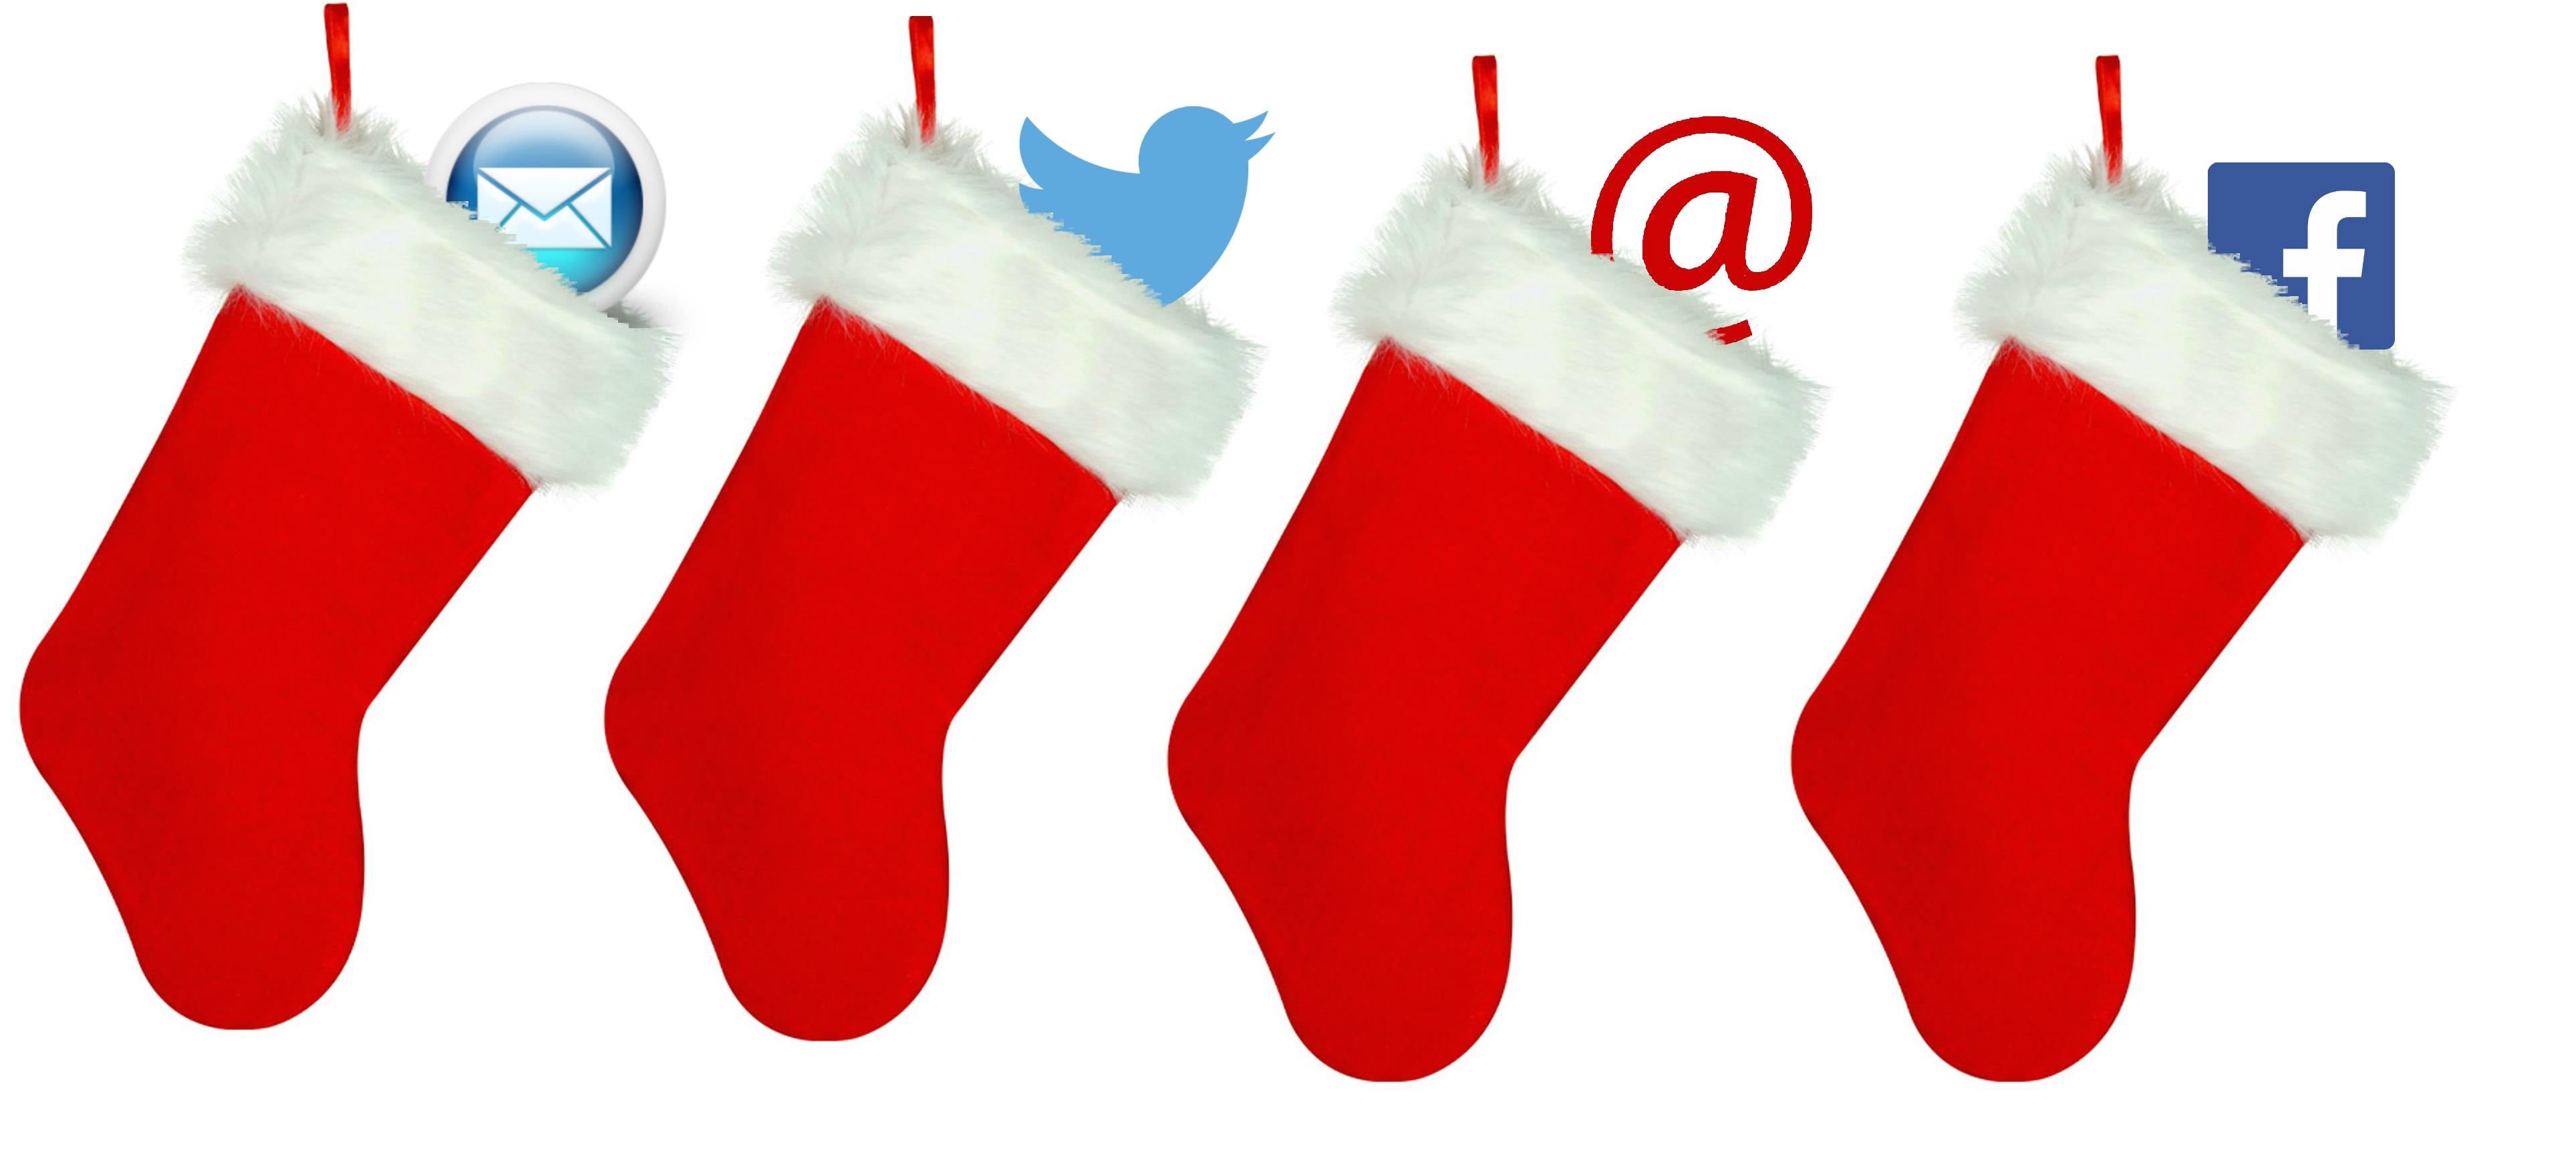 Strategie di marketing e comunicazione per Natale